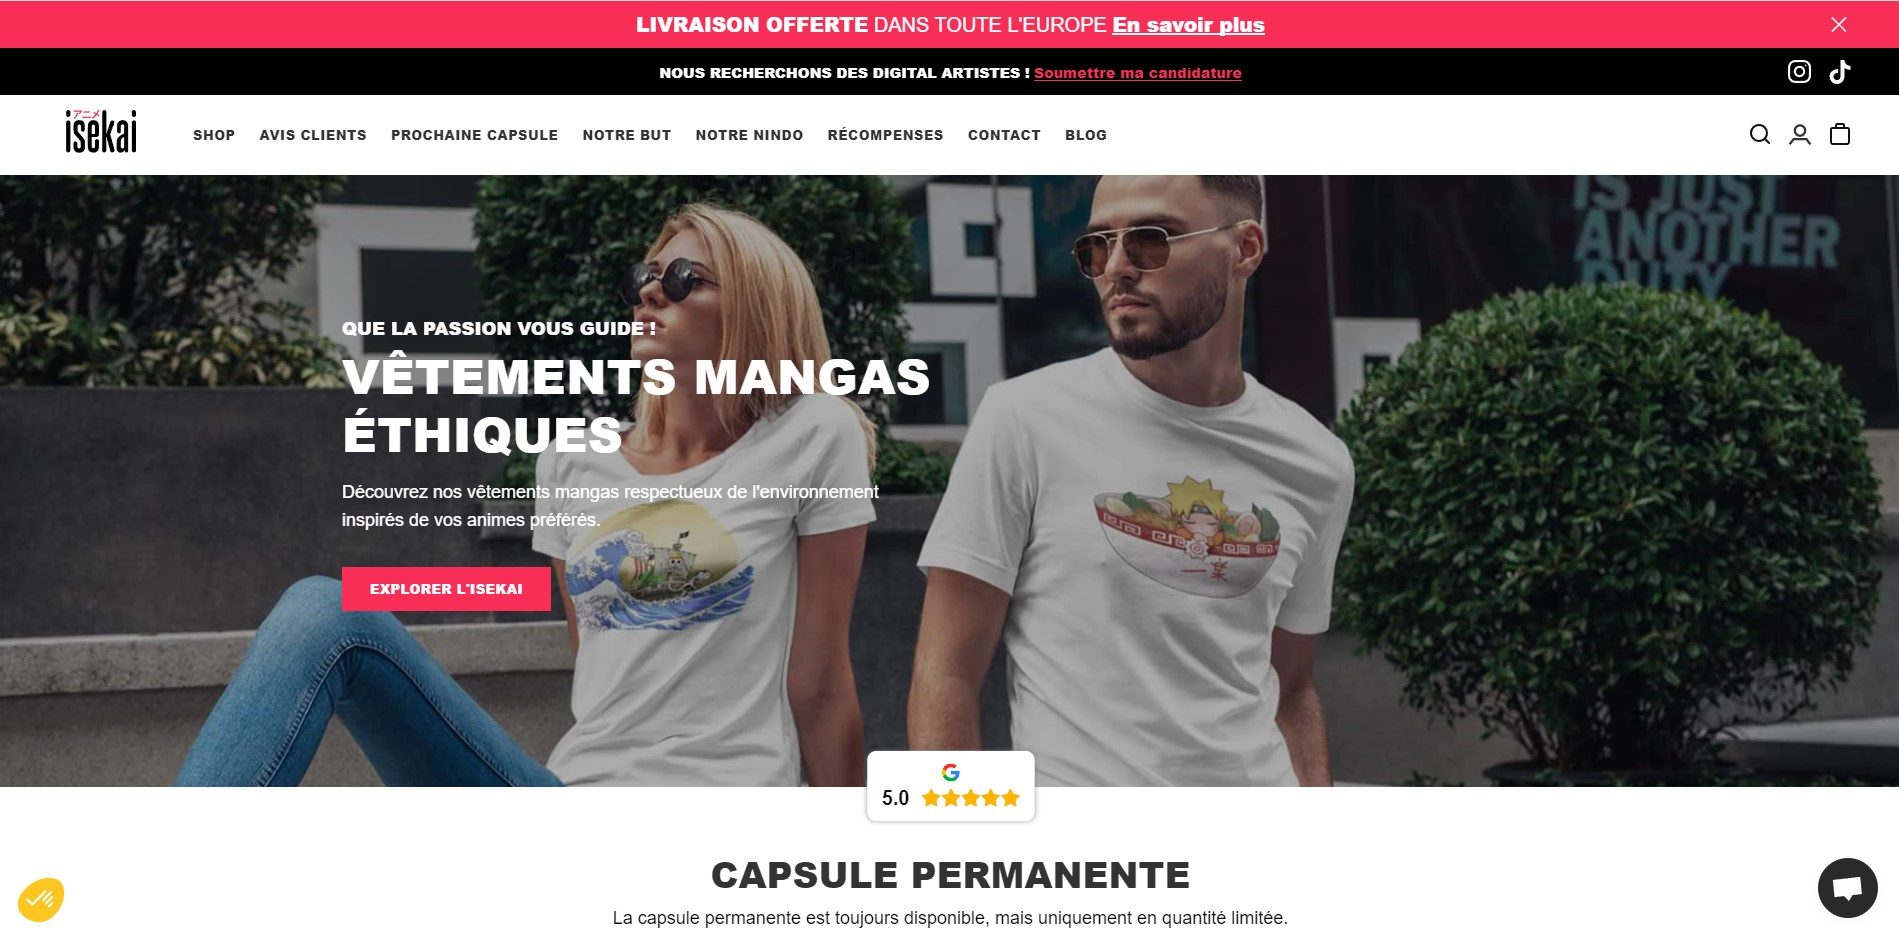 Site E-Commerce - Shopify